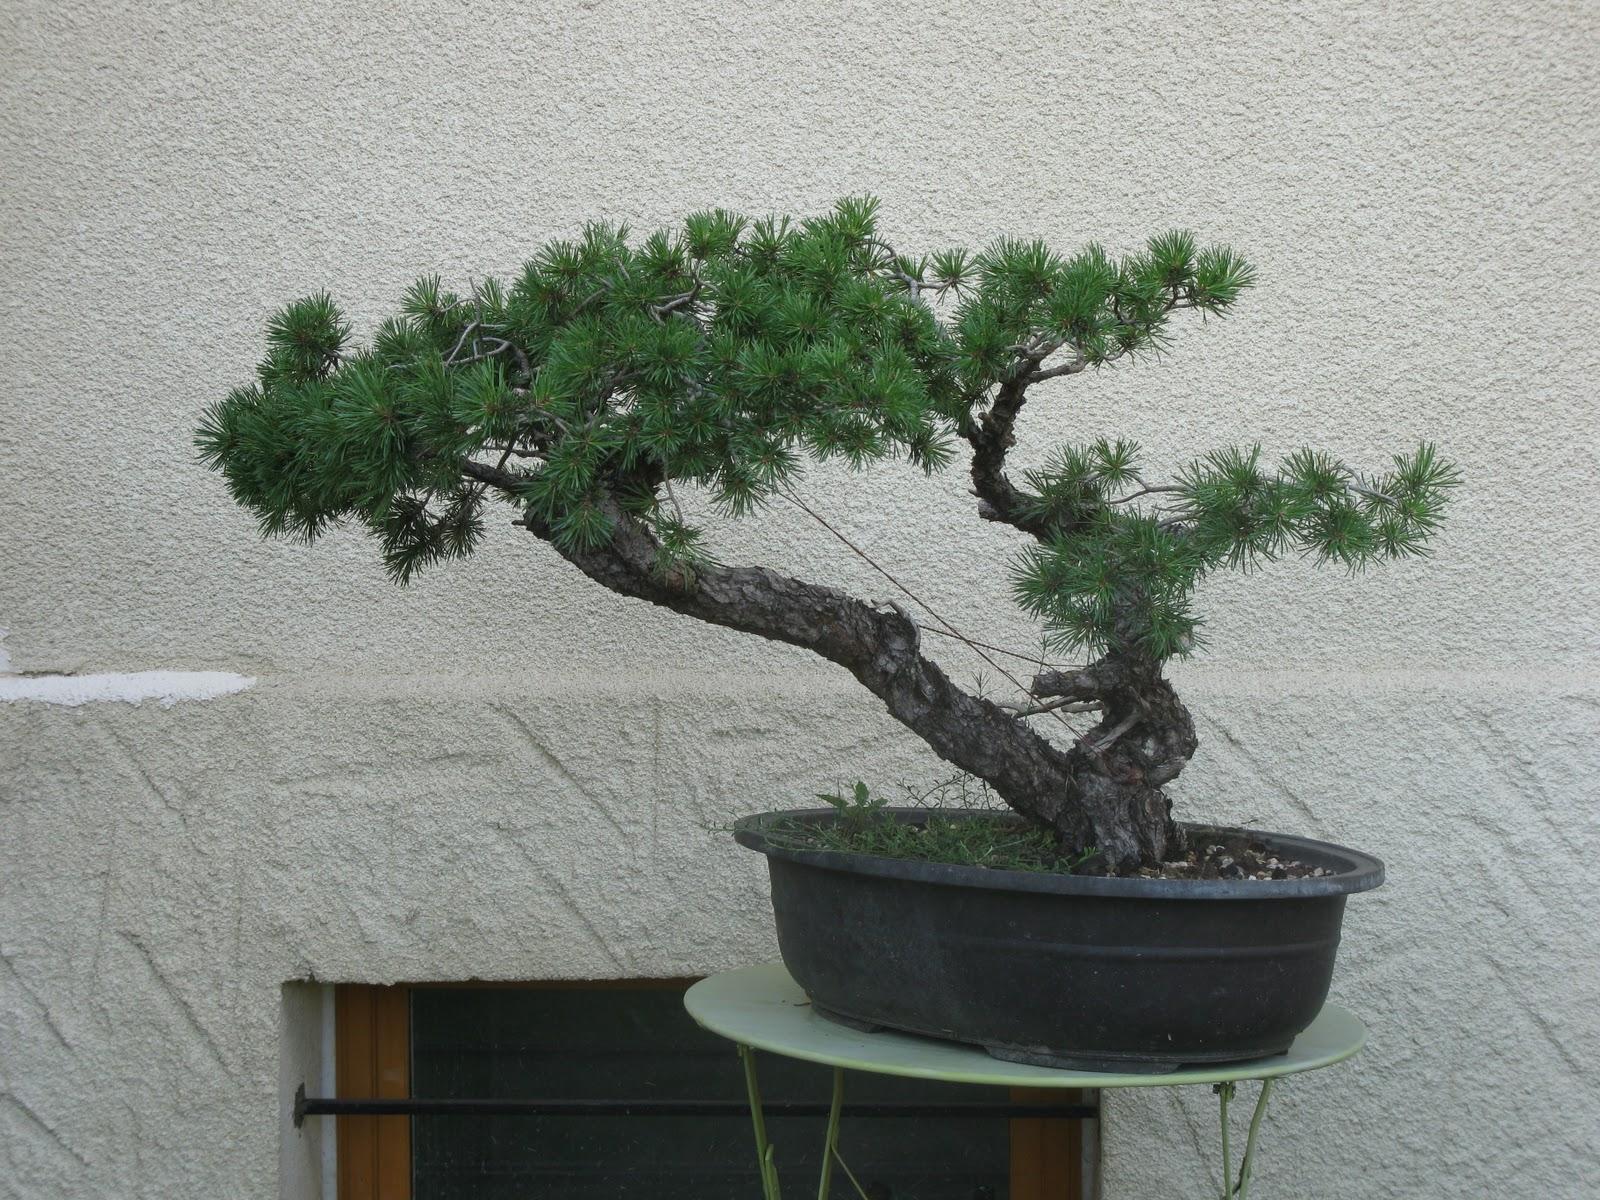 matsu bonsai histoire d un pin sylvestre 2